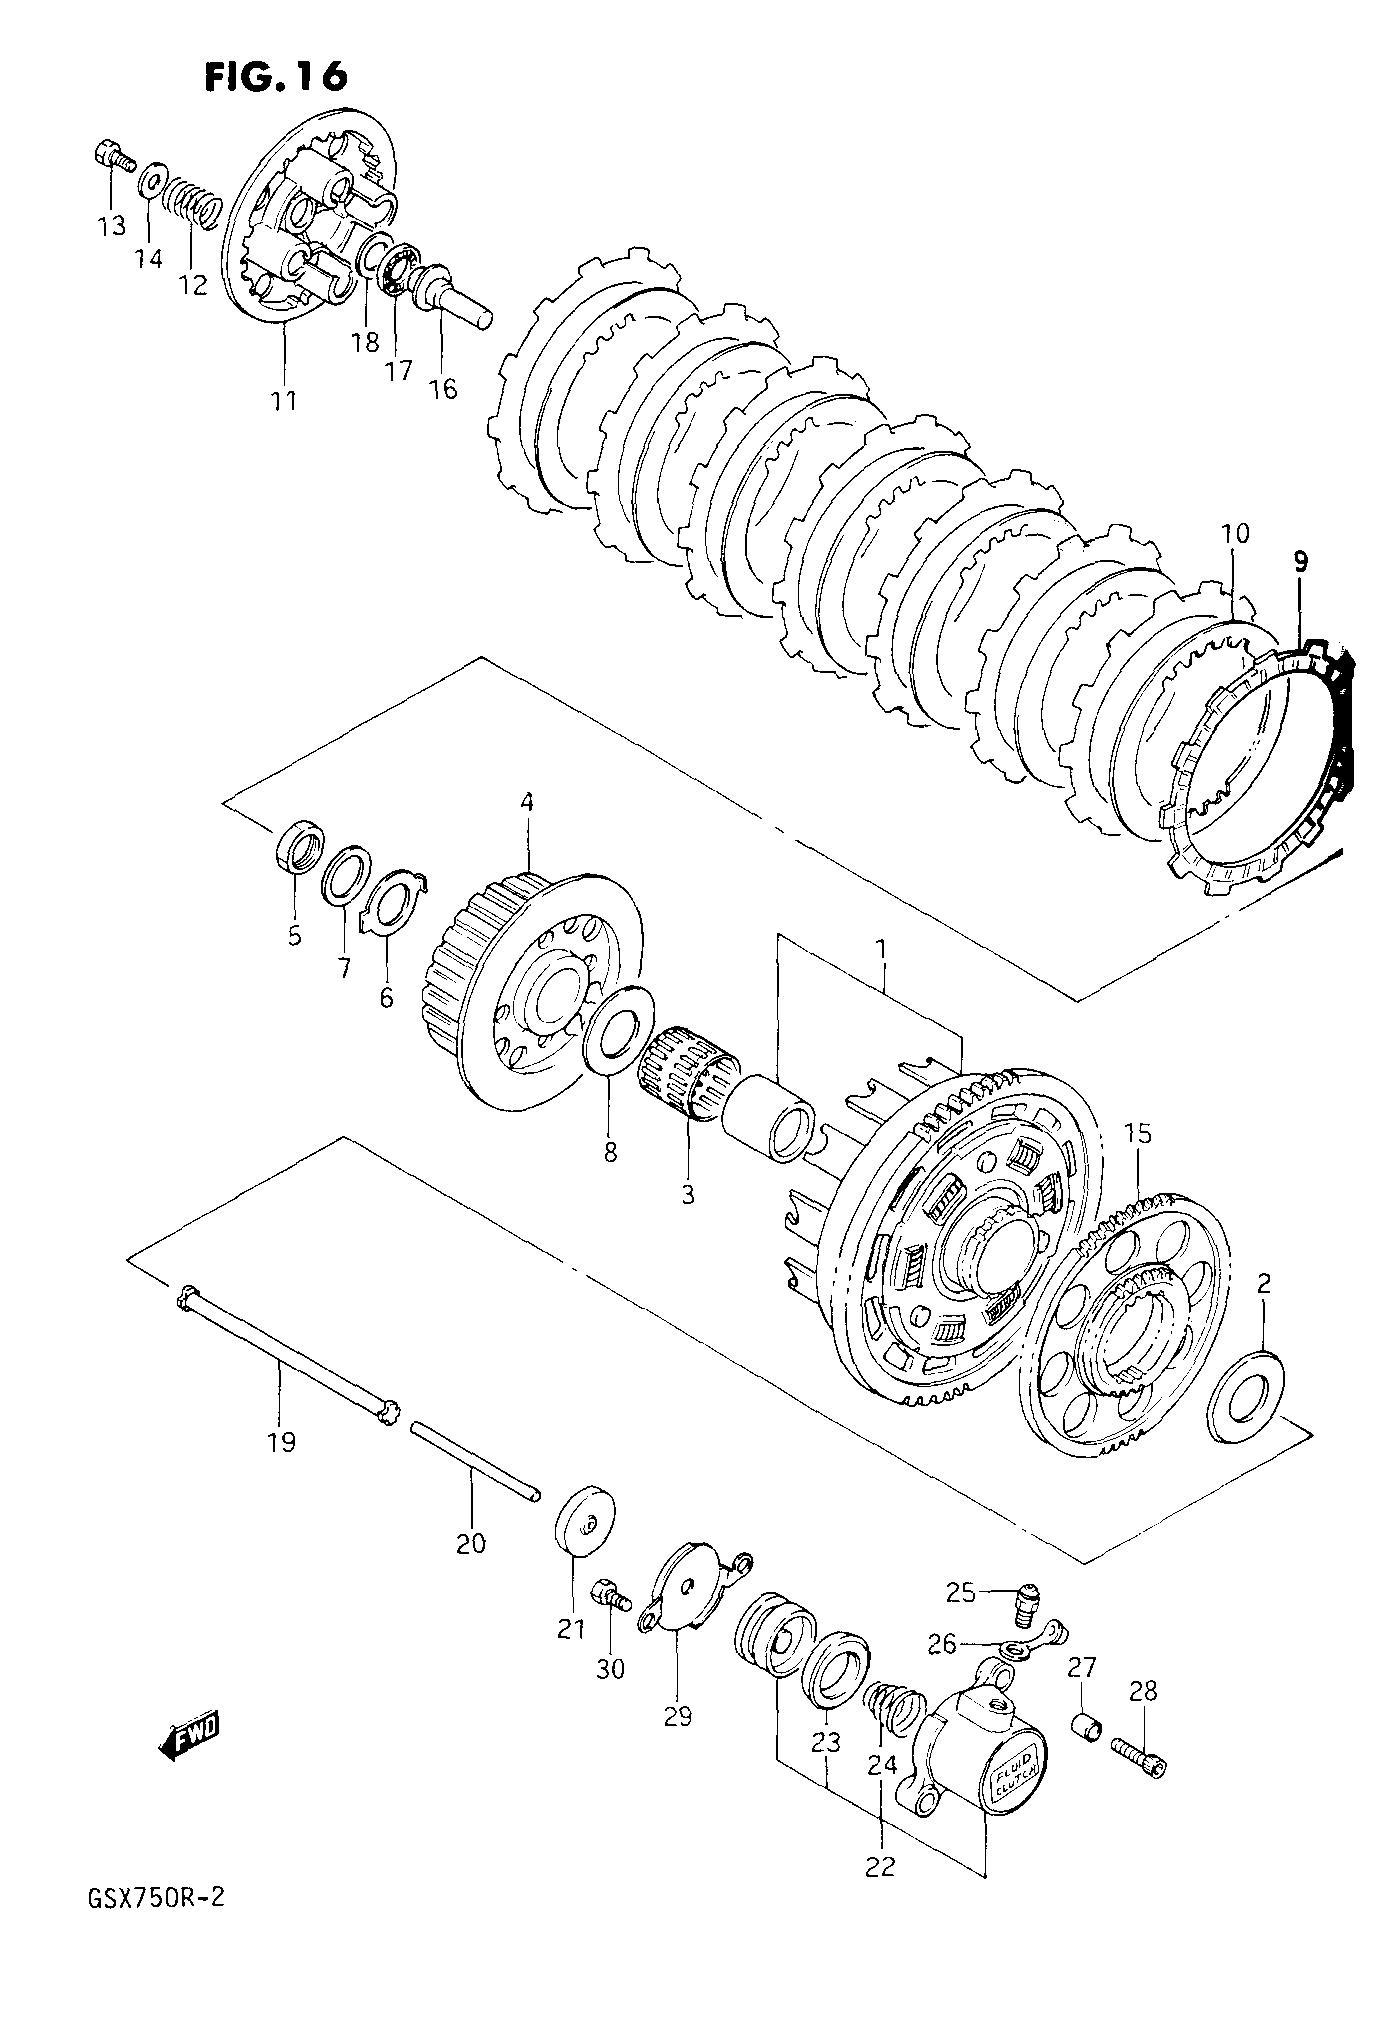 hight resolution of suzuki gsxr 600 fuse box wiring diagram suzuki gsxr 1000 fuse box location suzuki gsxr 600